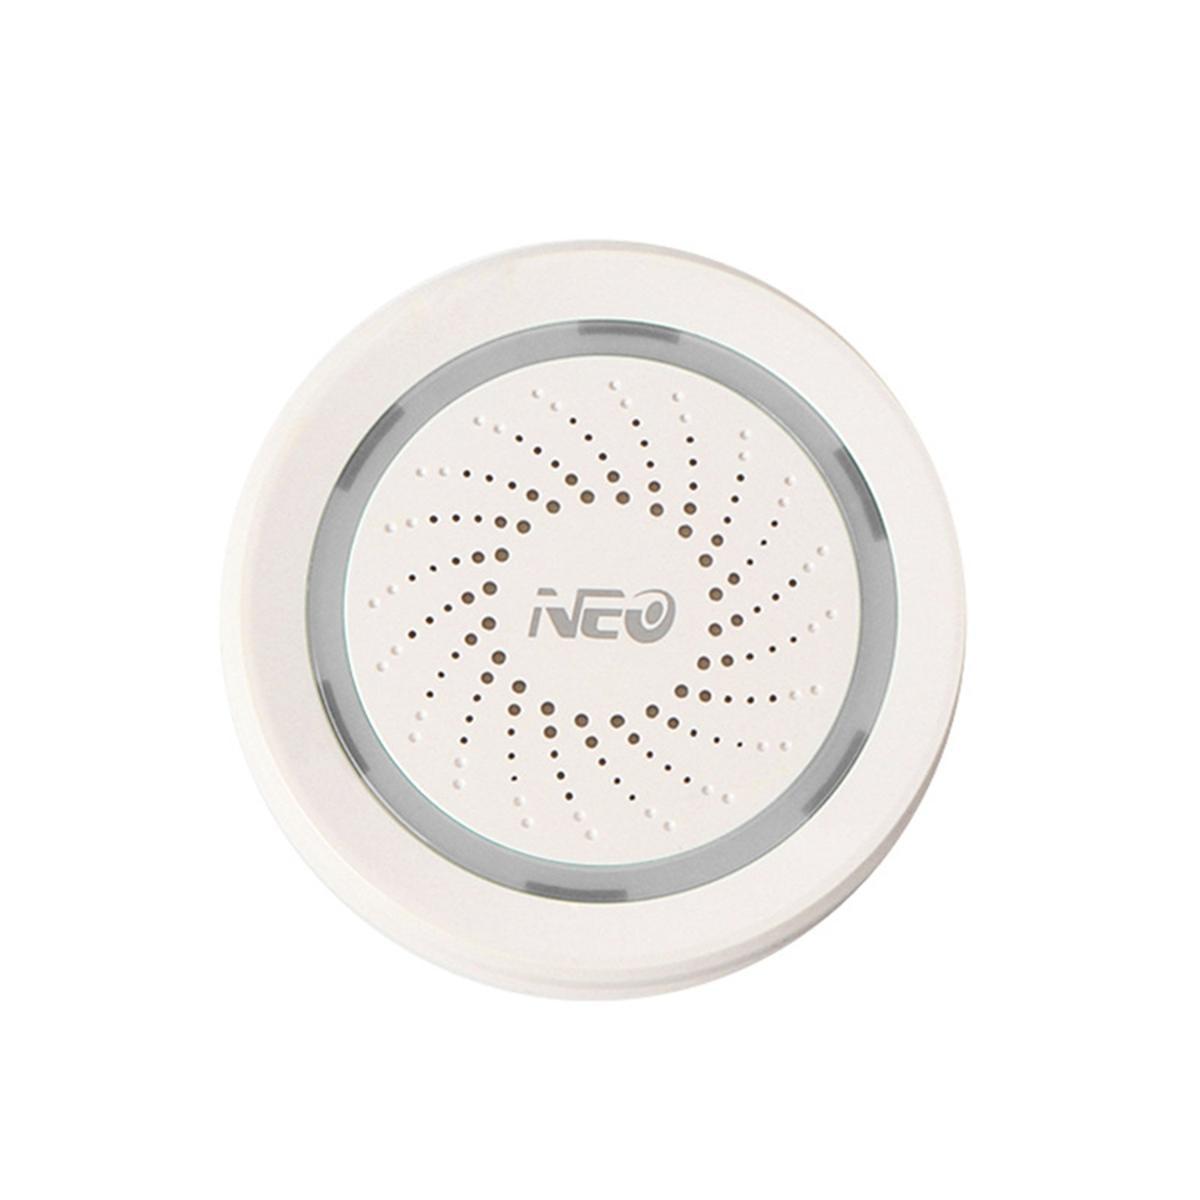 ABS WiFi USB Suono della Sirena di Allarme Sensore Intelligente Rivelatore di Controllo APP Home Office Sistema di Sicurezza Forniture Di Emergenza Senza FiliABS WiFi USB Suono della Sirena di Allarme Sensore Intelligente Rivelatore di Controllo APP Home Office Sistema di Sicurezza Forniture Di Emergenza Senza Fili